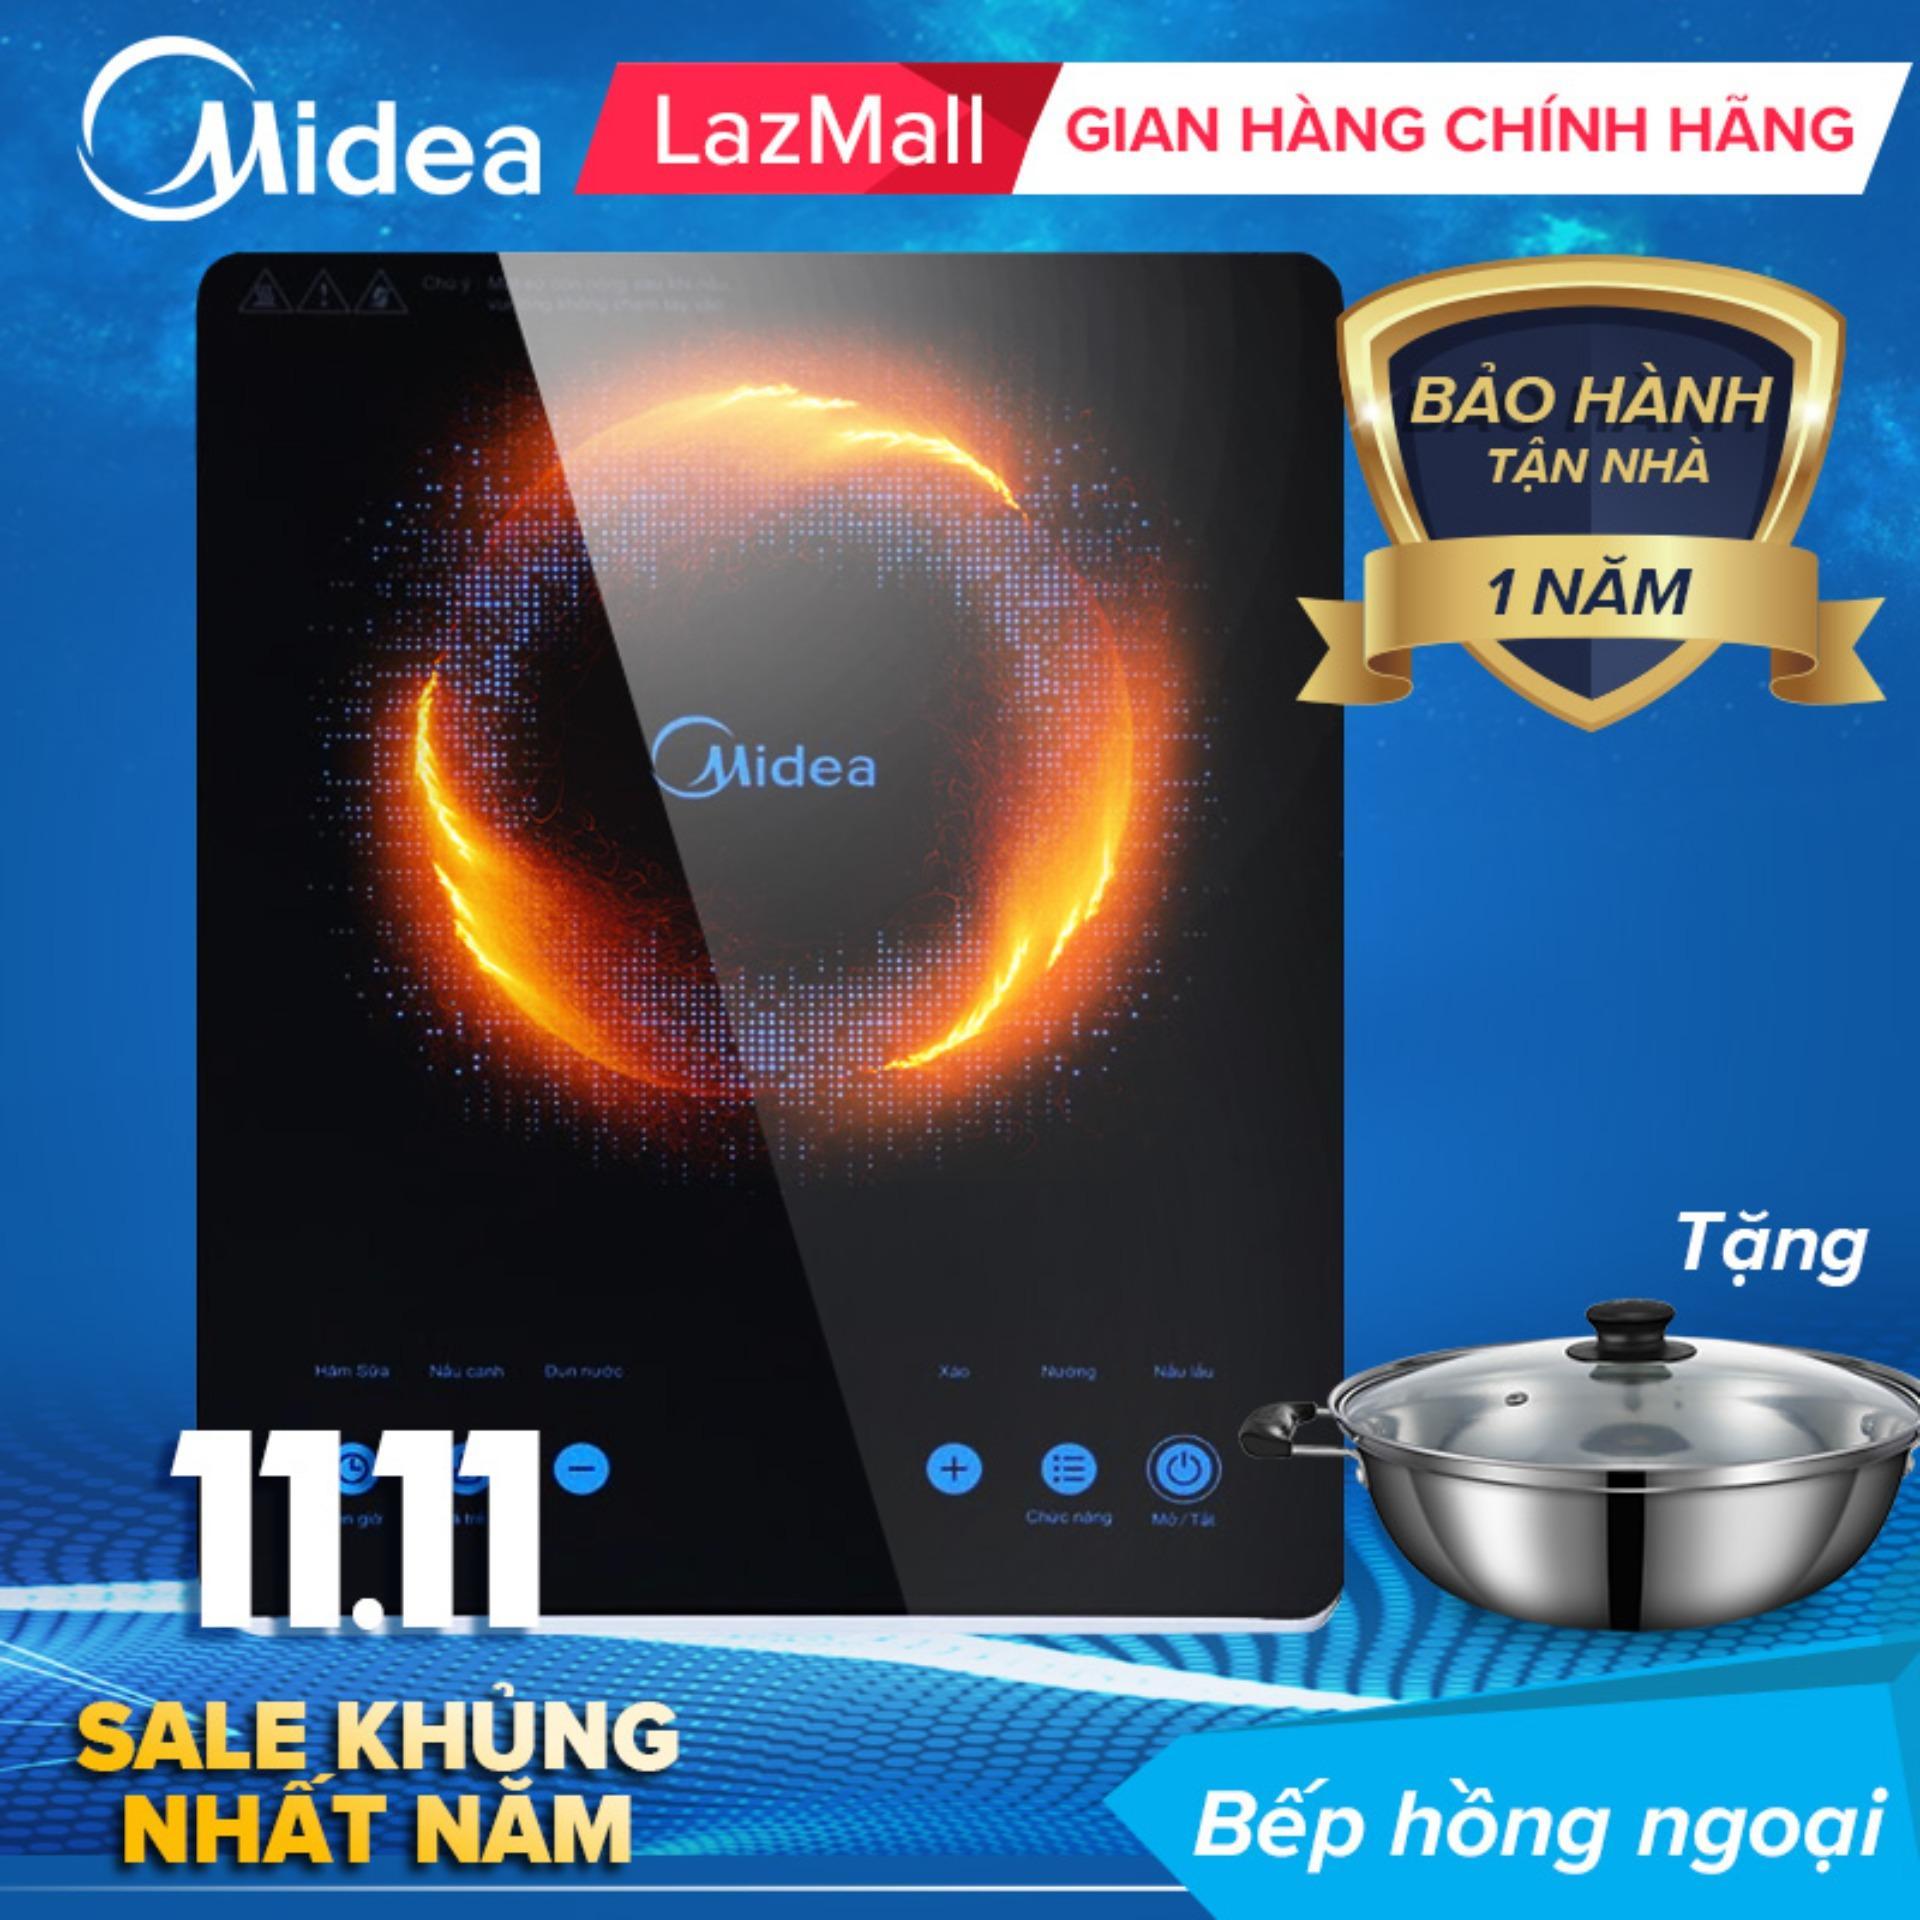 Bếp hồng ngoại cảm ứng Midea MIR-T2018DC